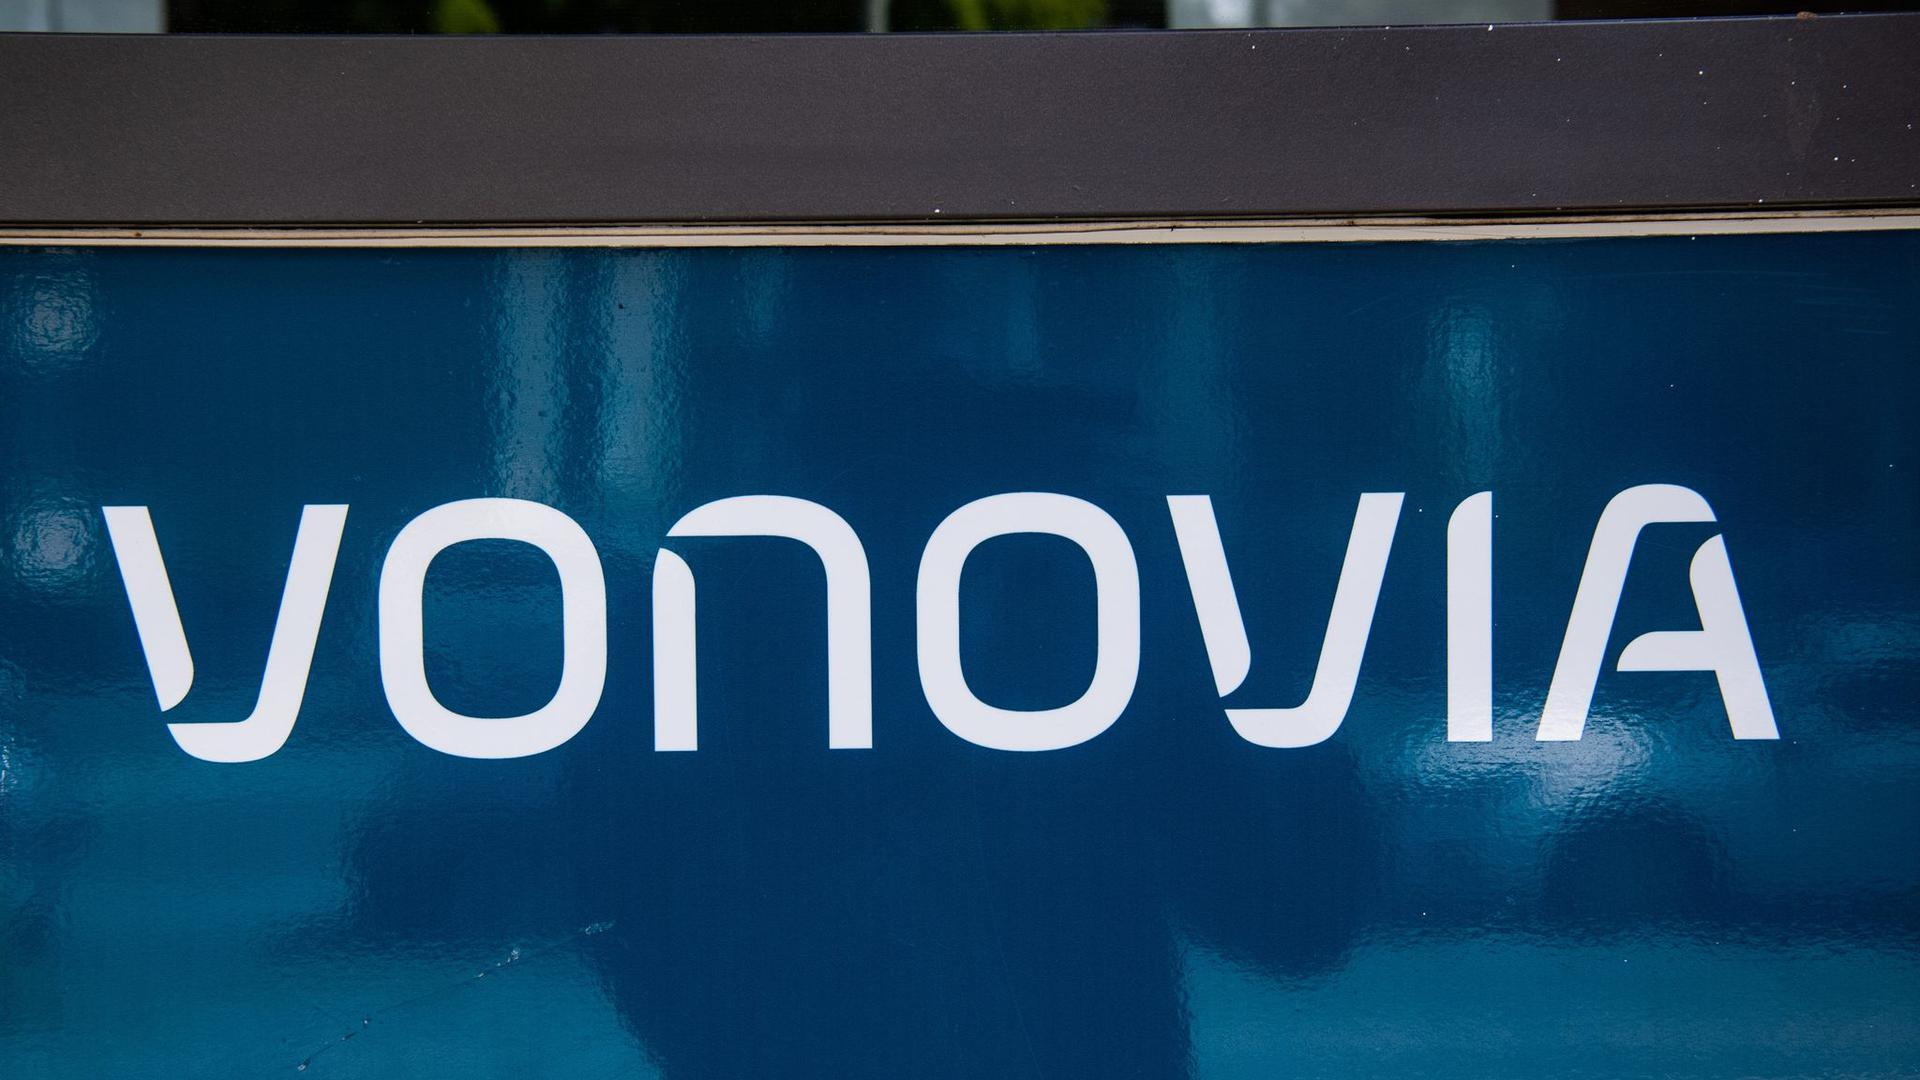 Deutschlands größter Immobilienkonzern Vonovia hat einen weiteren Übernahmeversuch für den Konkurrenten Deutsche Wohnen in Gang gesetzt.